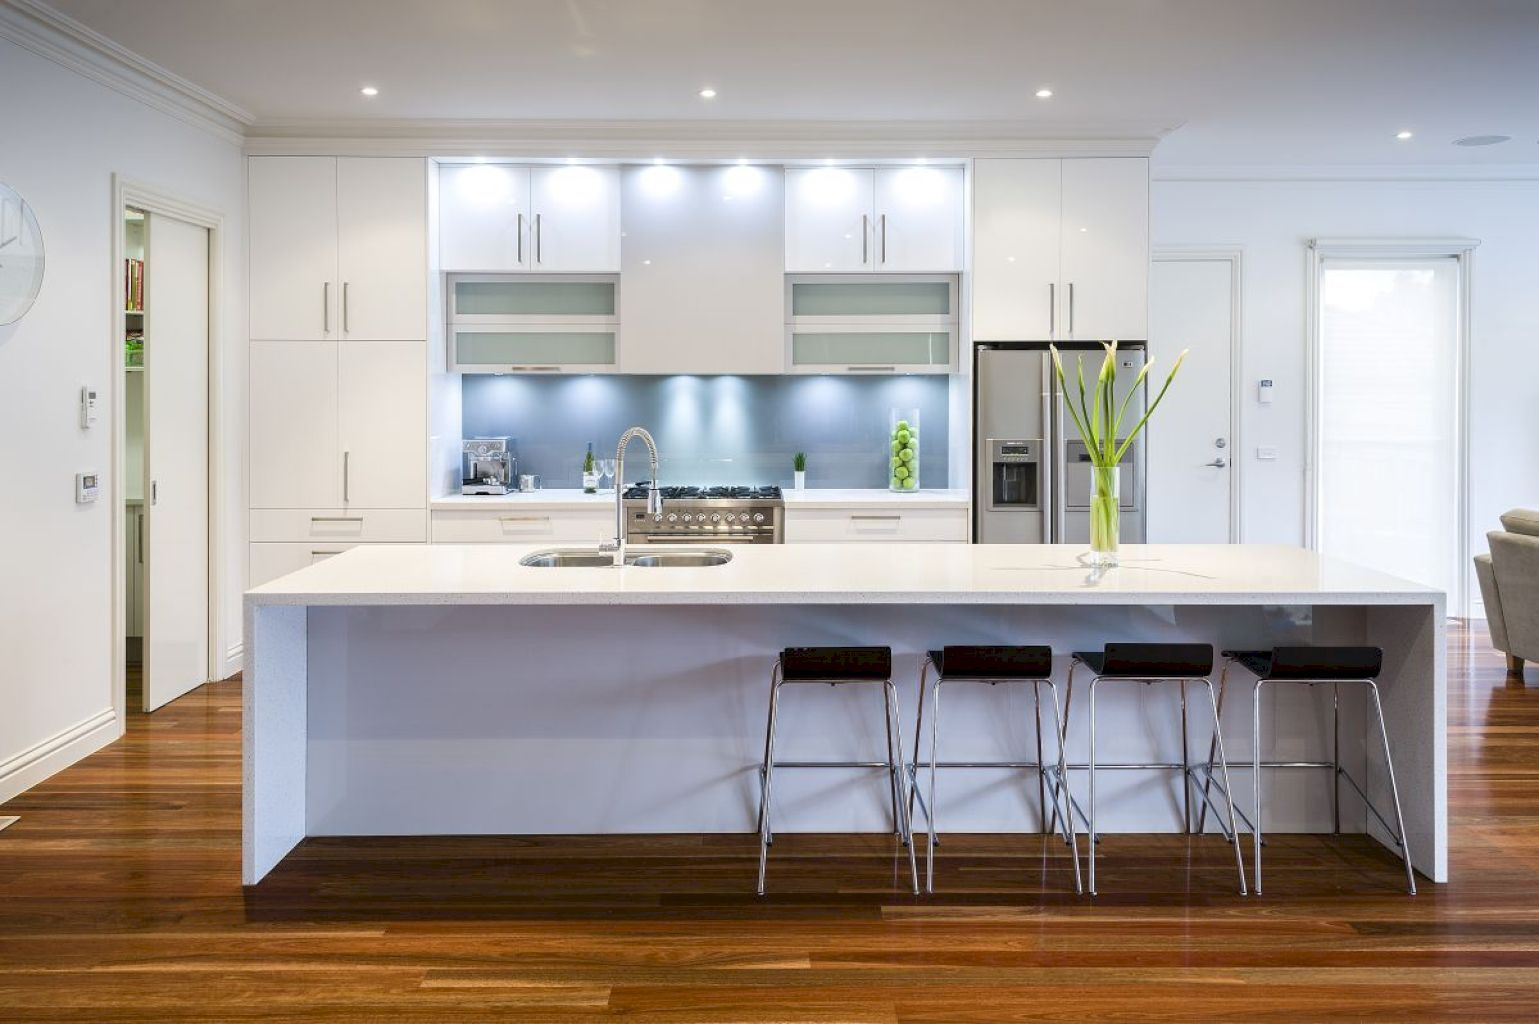 45 Modern Contemporary Kitchen Ideas HomeyLifecom